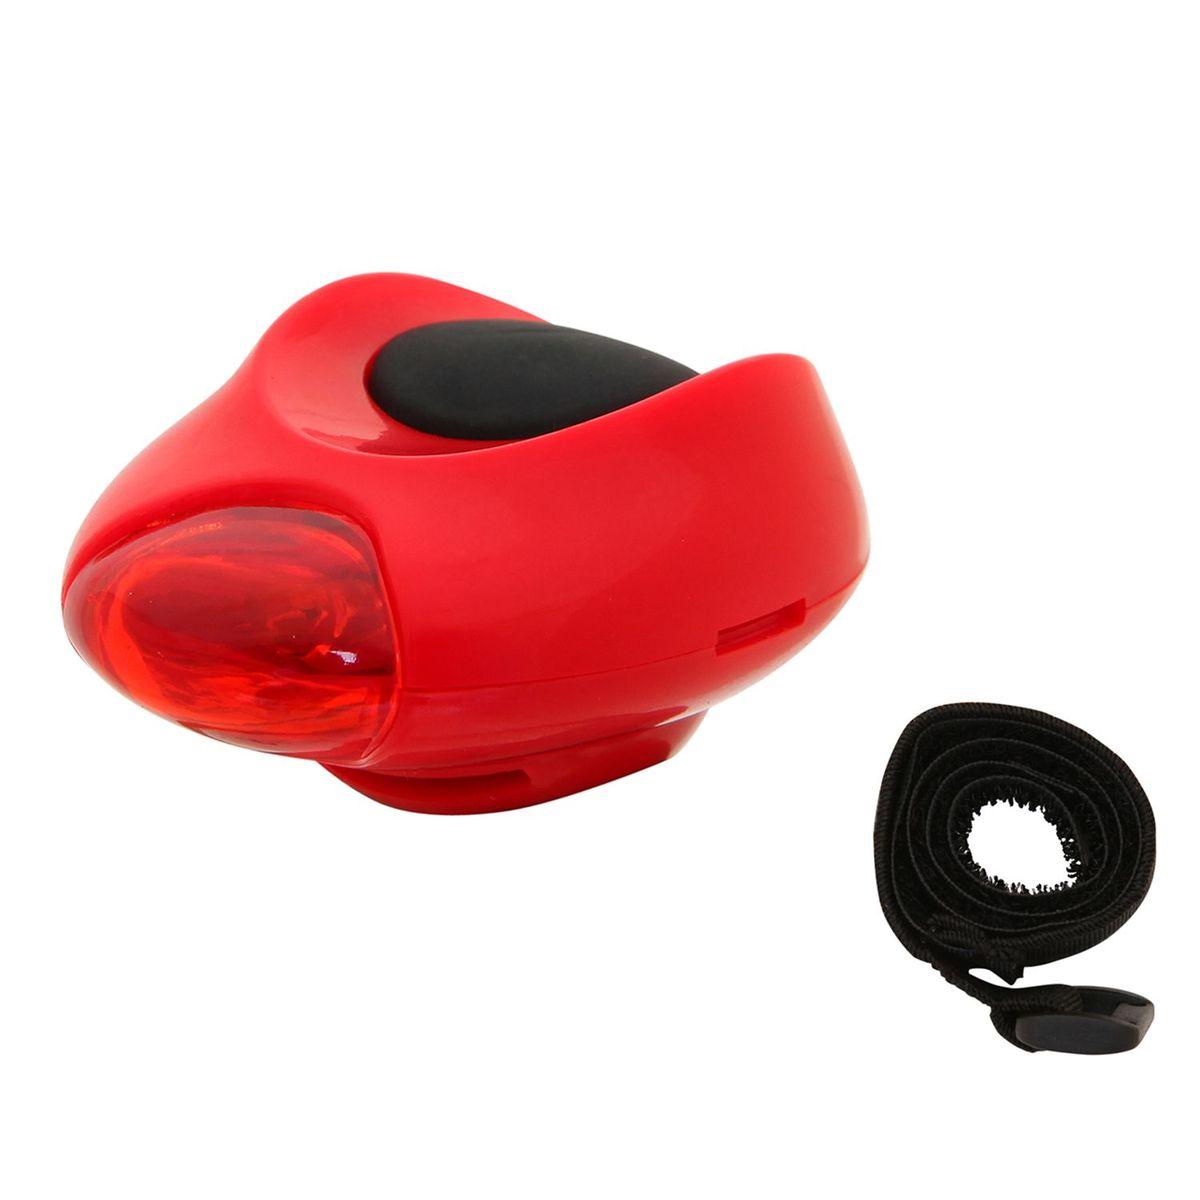 Фонарь велосипедный STG ХC-910T, заднийХ46018-5Задний велосипедный фонарь STG ХC-910T отличается легкостью, компактностью и долговечностью. Имеет три режима работы на основе диодов. Светит ярко, заметен издалека. Без труда крепится к велосипеду с помощью регулируемой ленты-липучки. Элемент питания - 2 батарейки типа CR2032 (входят в комплект).